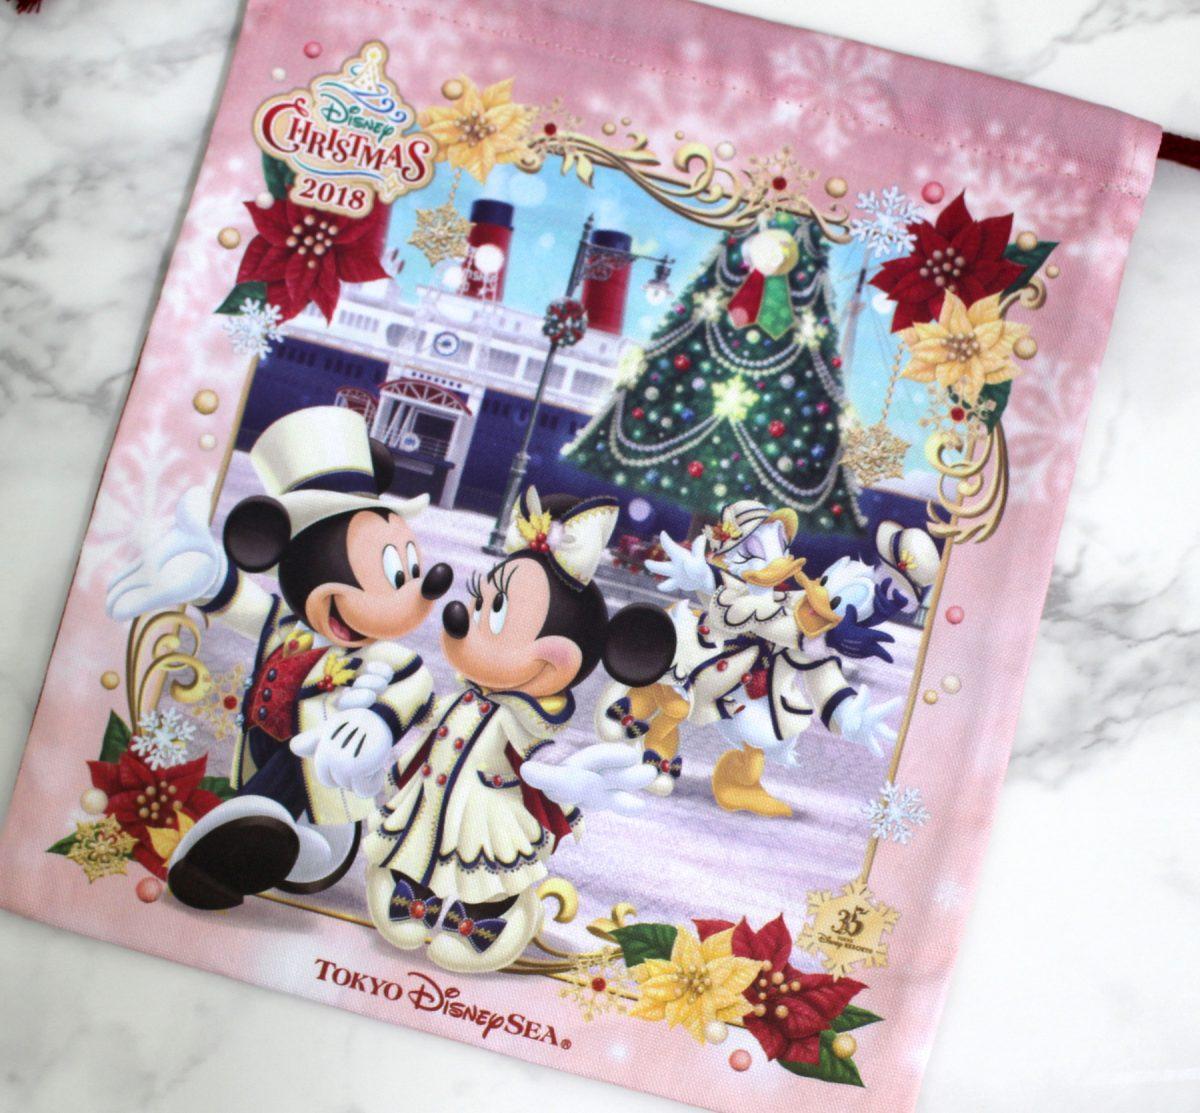 東京ディズニーシー ディズニー・クリスマス 巾着